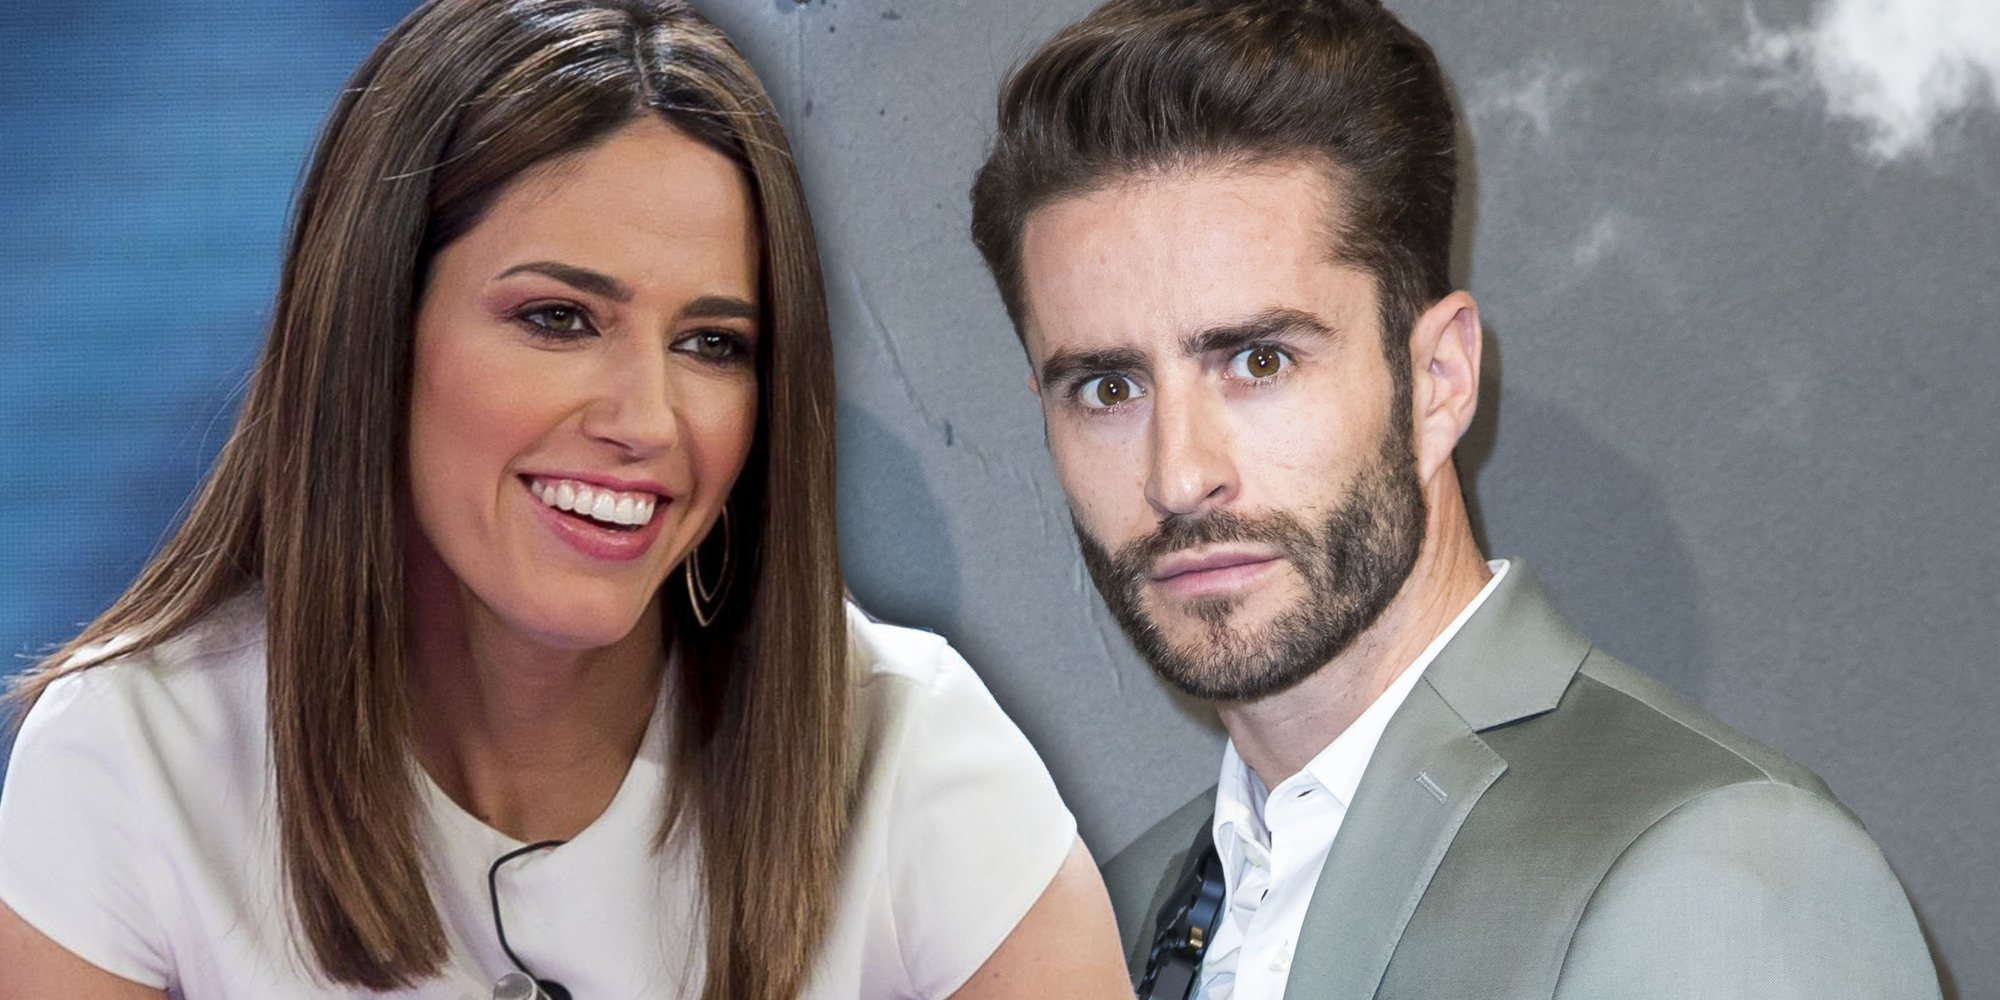 Polémico comentario de Pelayo Díaz a Nuria Marín por su estilismo en 'Hormigas blancas'